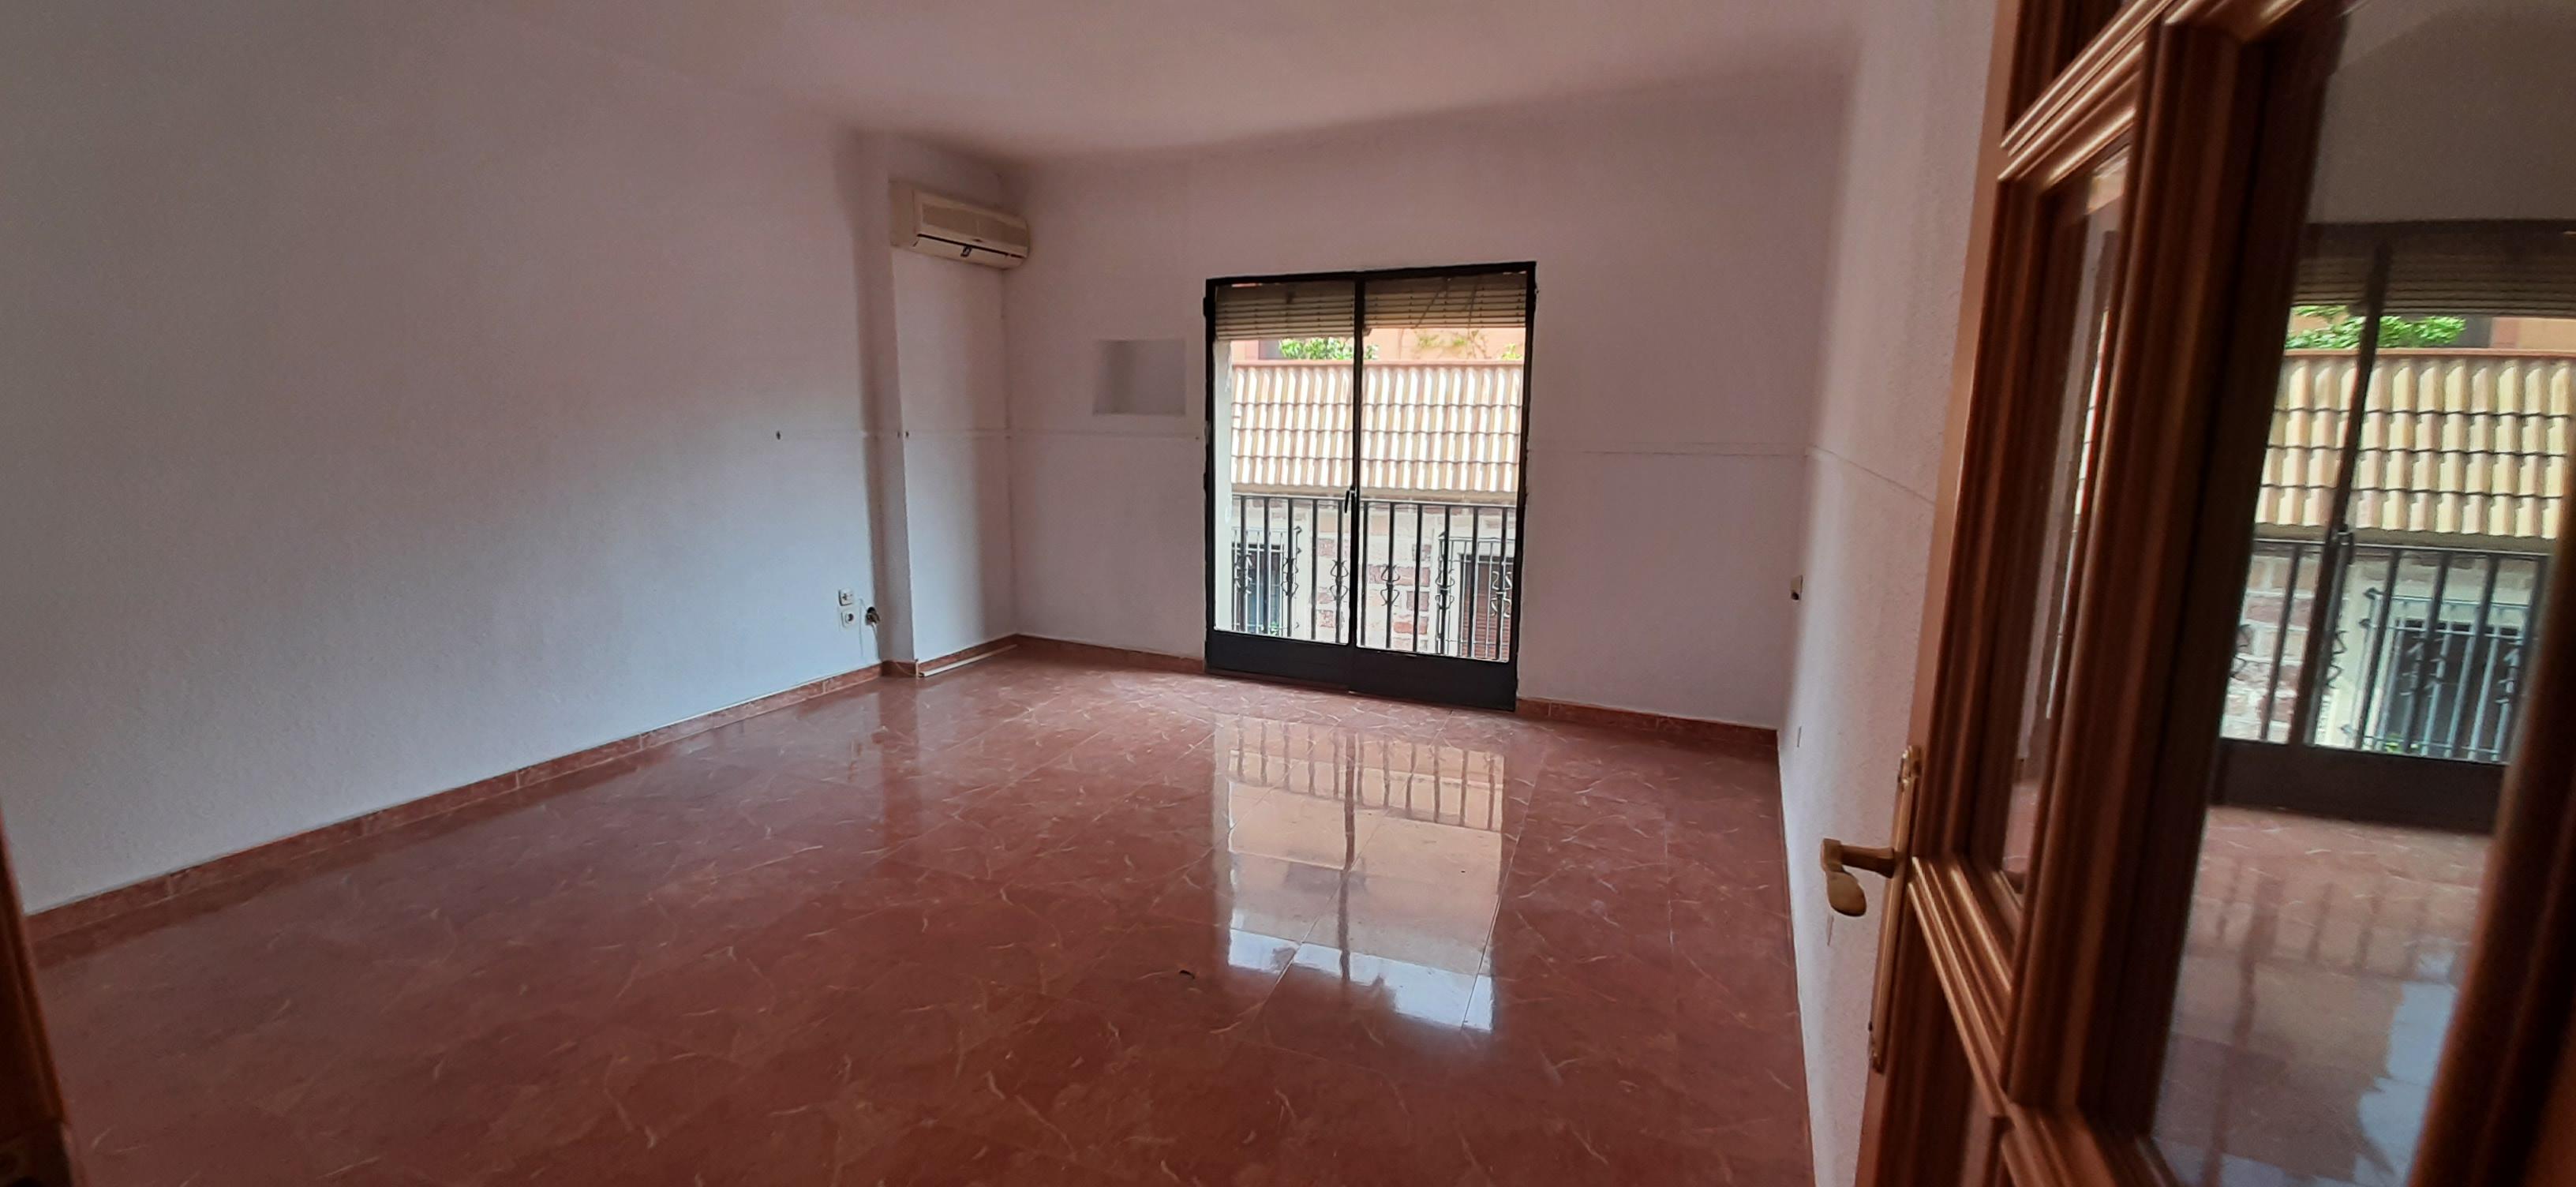 Piso en venta en Bailén, Jaén, Calle Isabel la Catolica, 50.000 €, 4 habitaciones, 2 baños, 104 m2